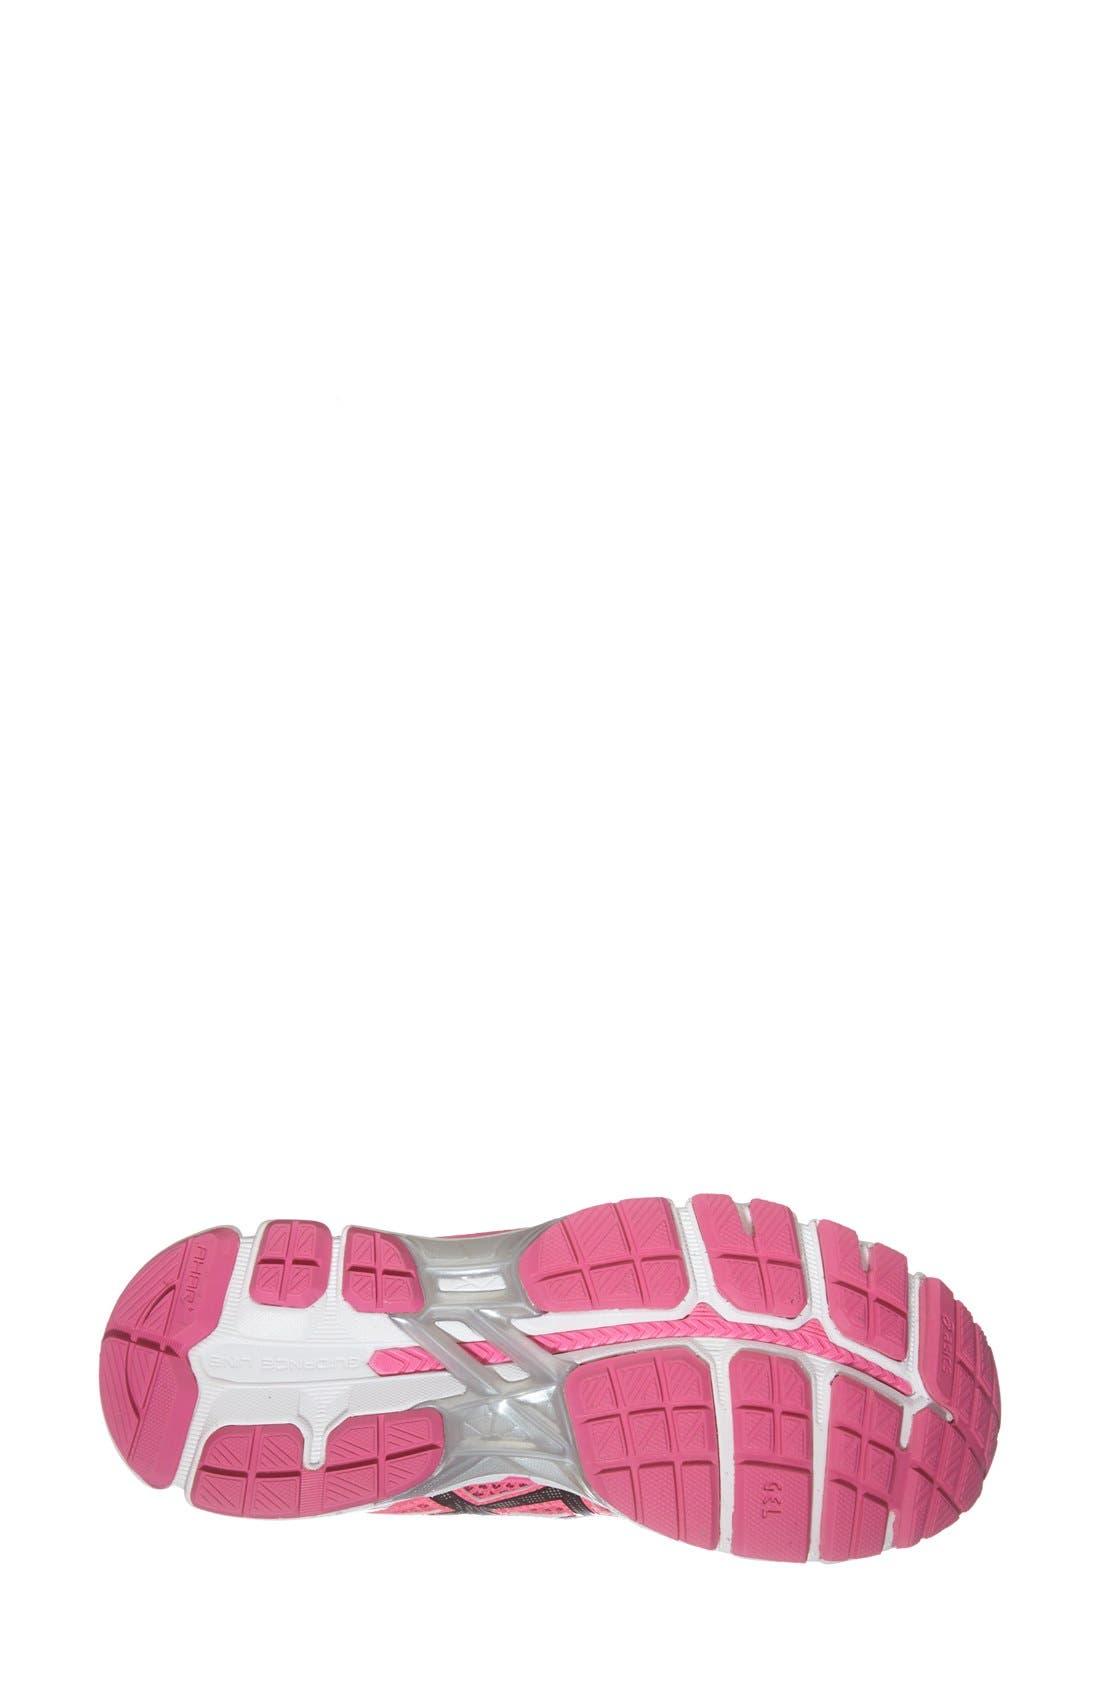 ASICS 'GEL-Kayano<sup>®</sup> 21' Running Shoe,                             Alternate thumbnail 3, color,